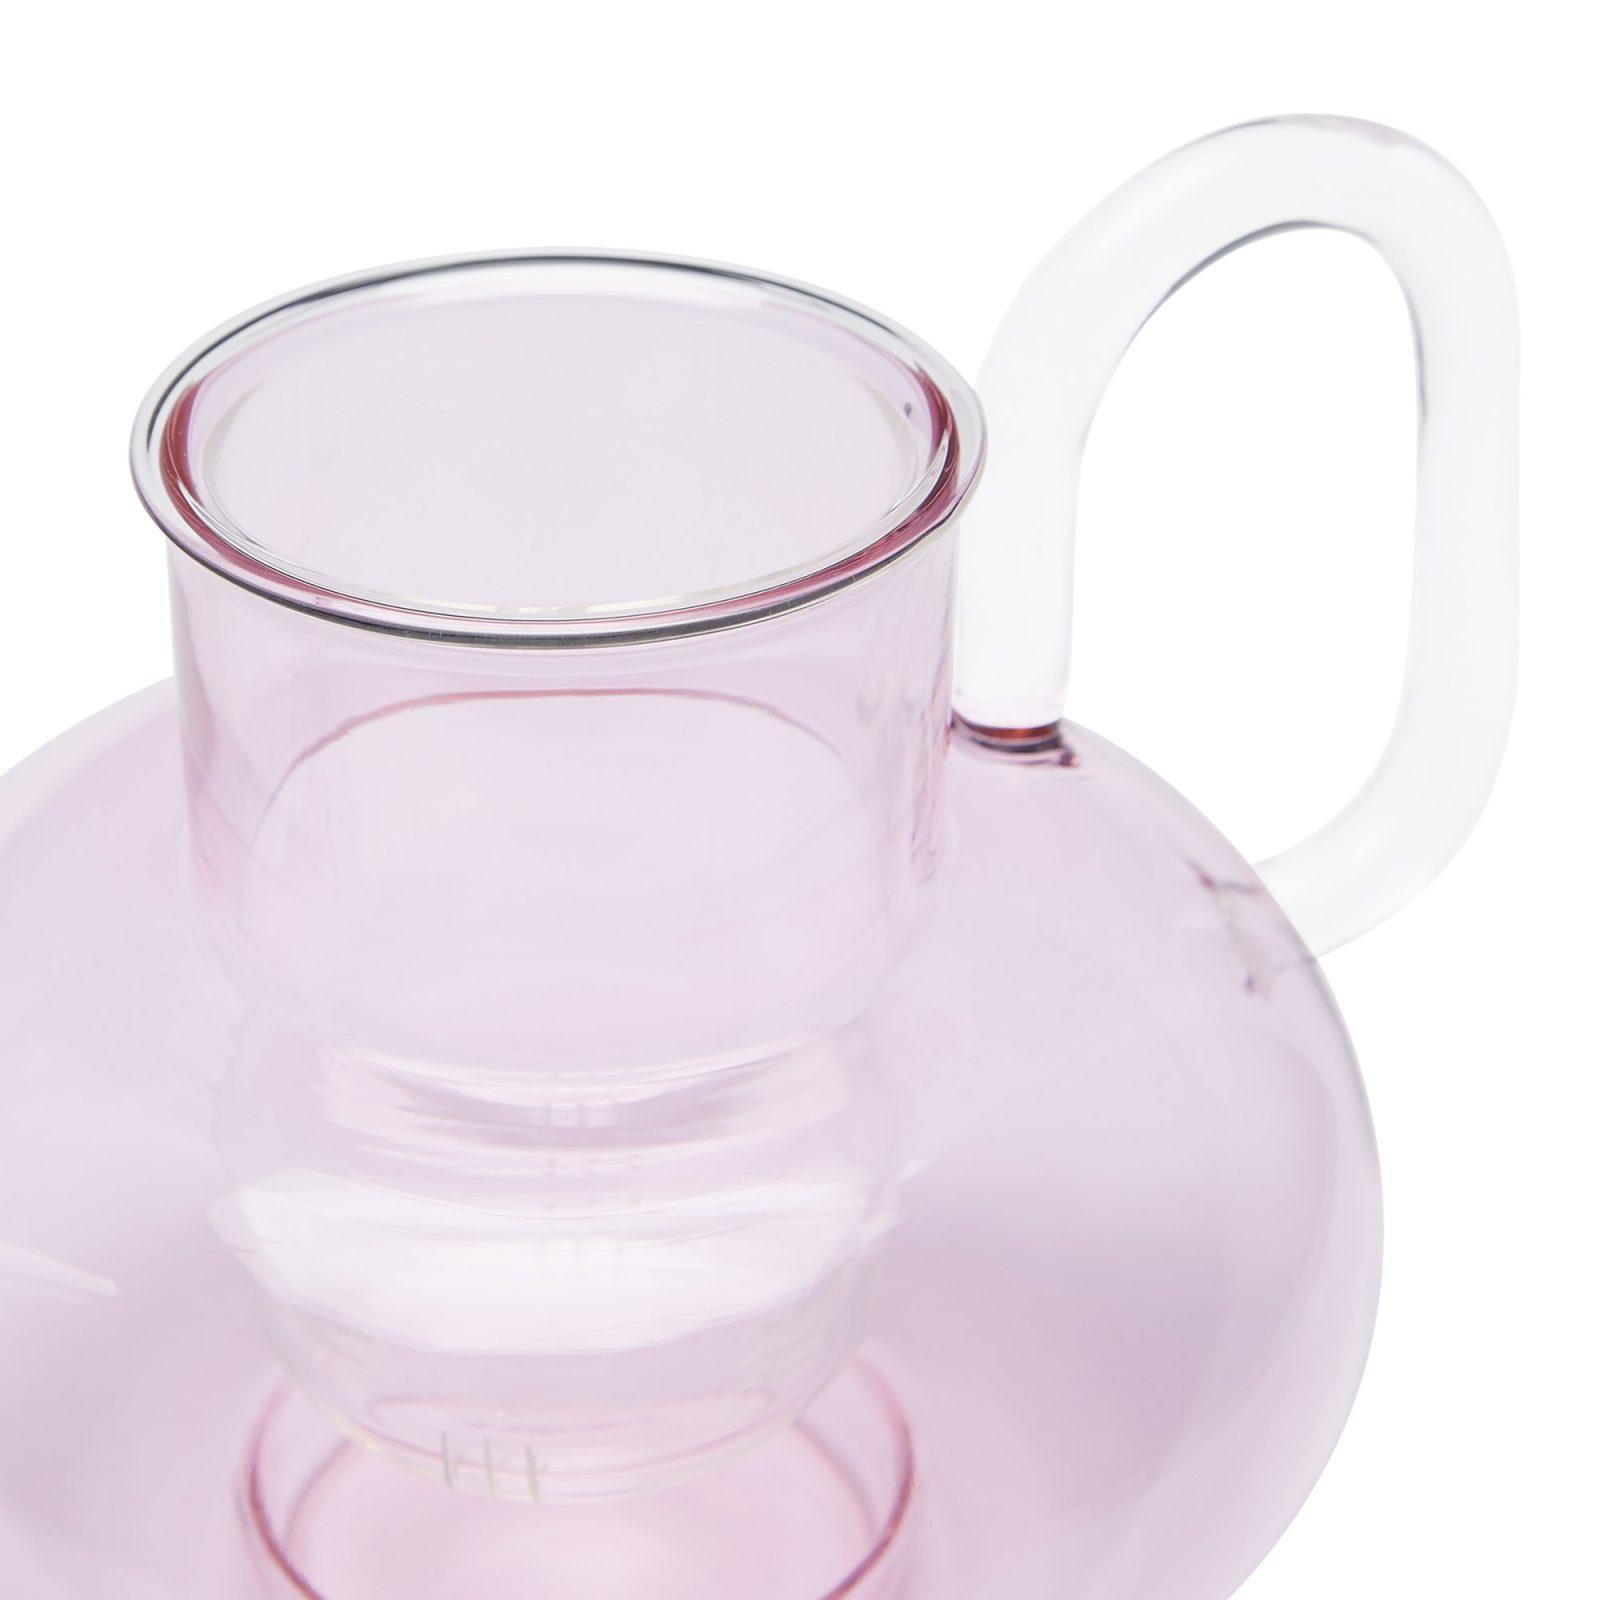 bump-tea-pot-4